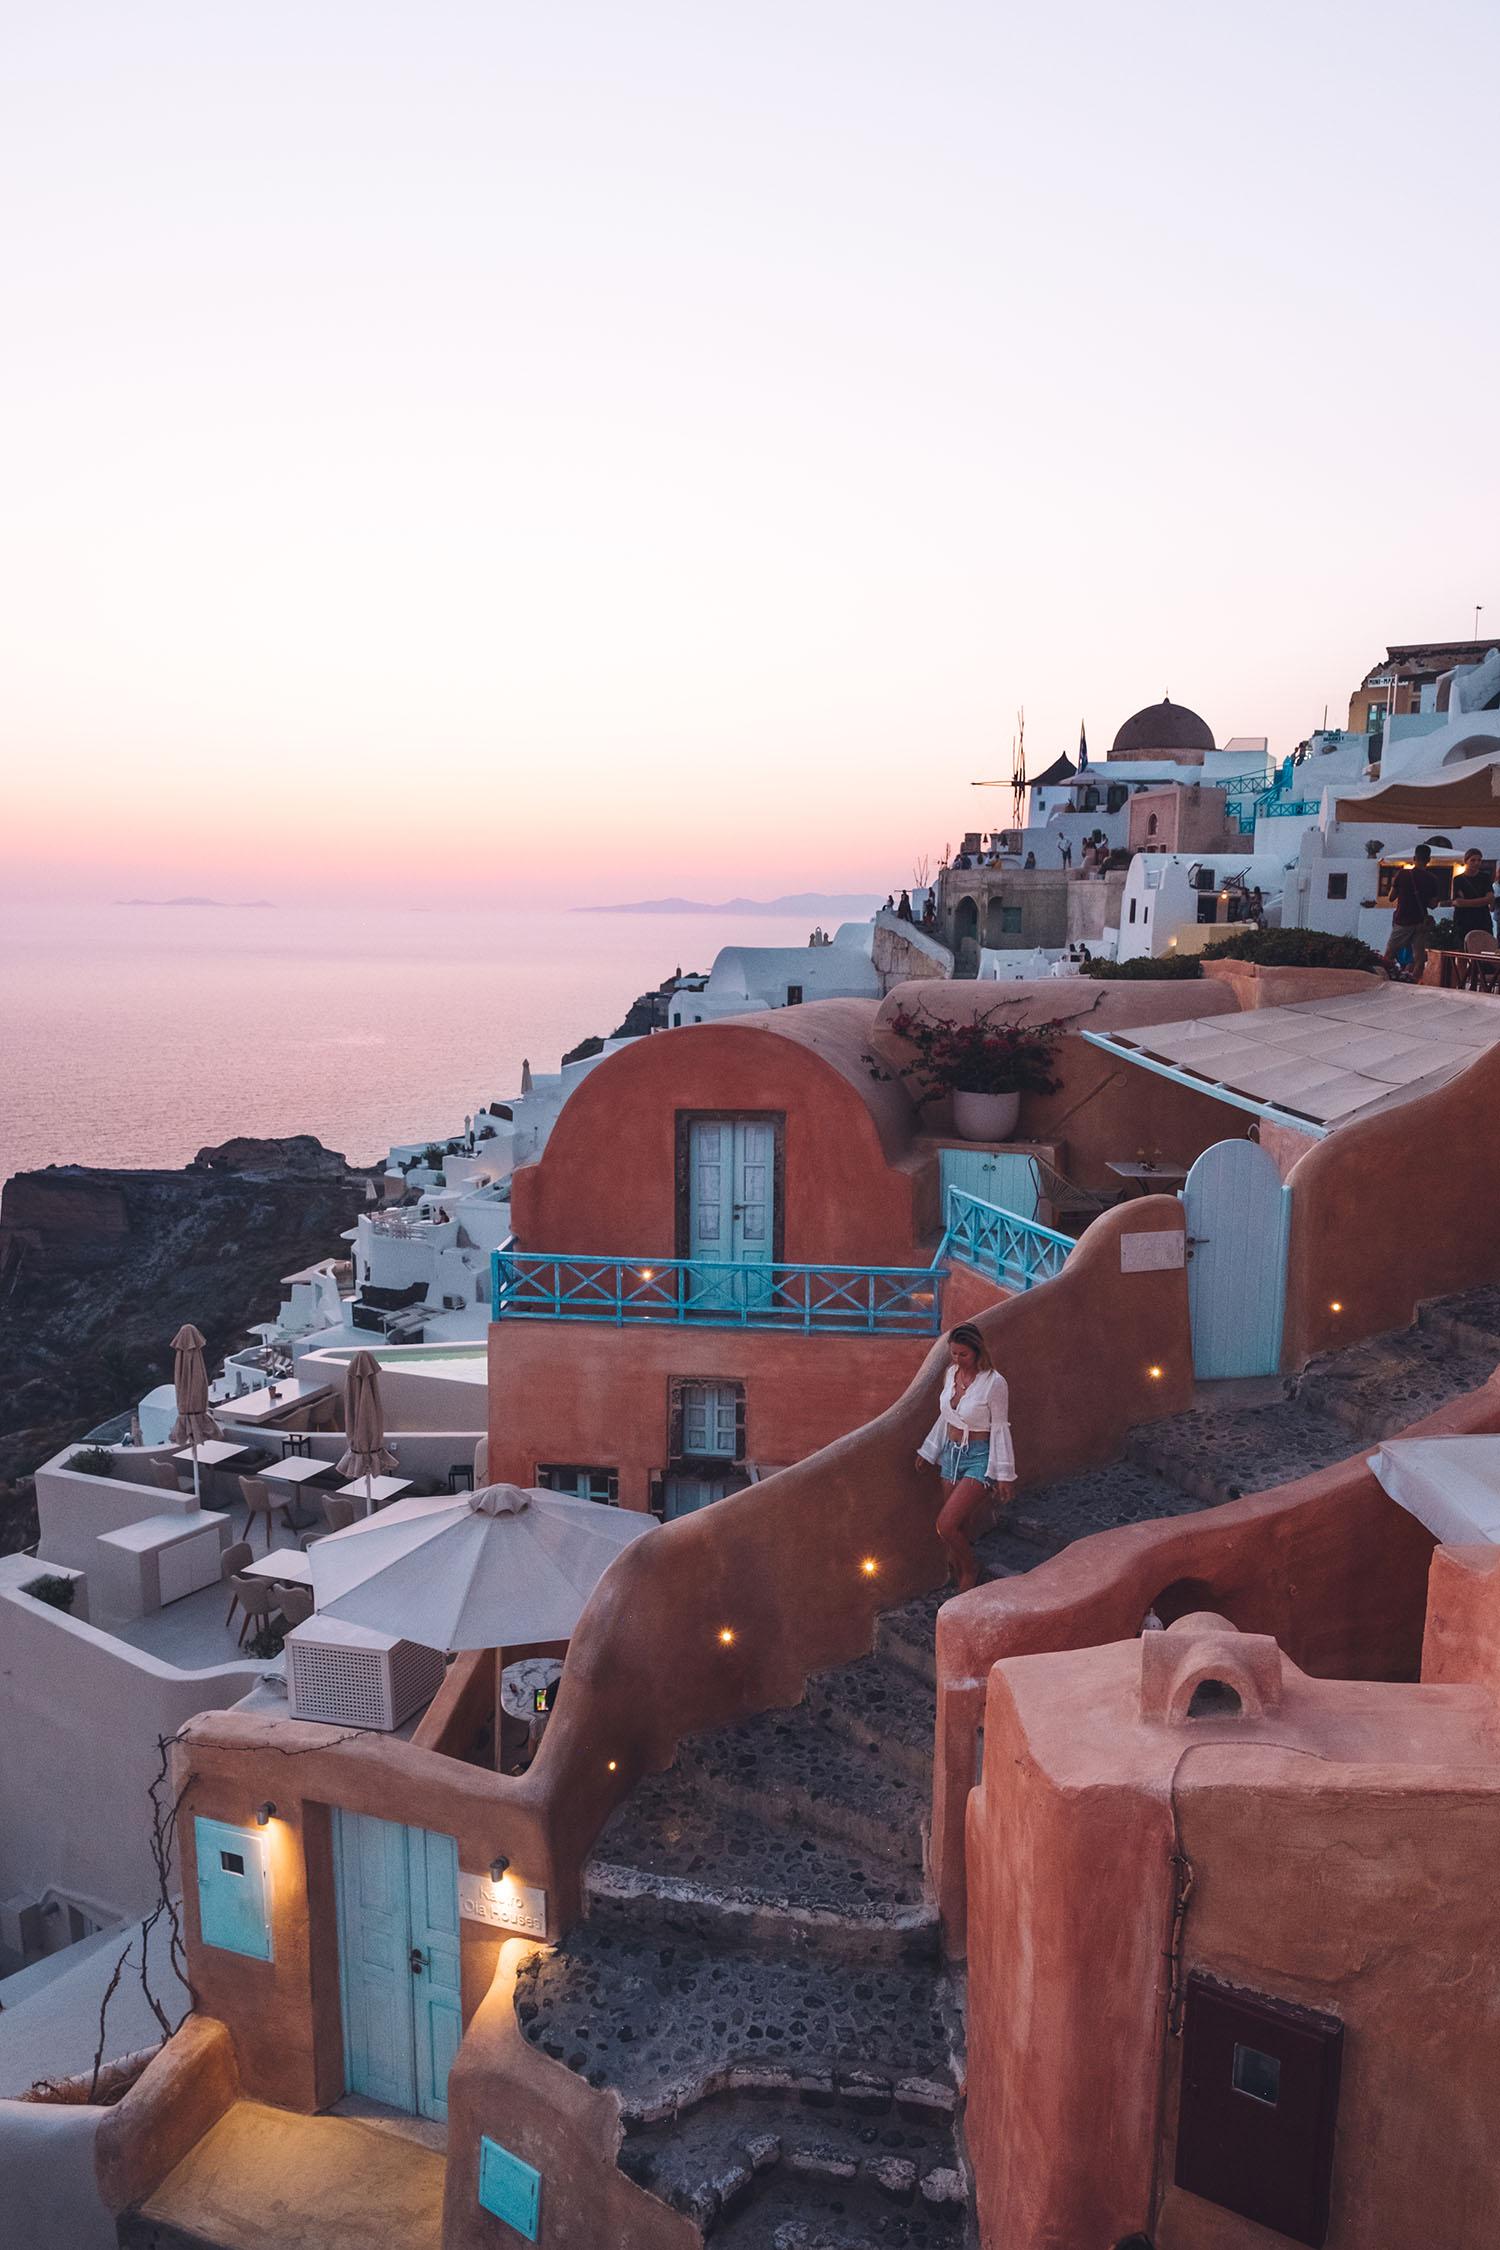 santorini Greece sunset